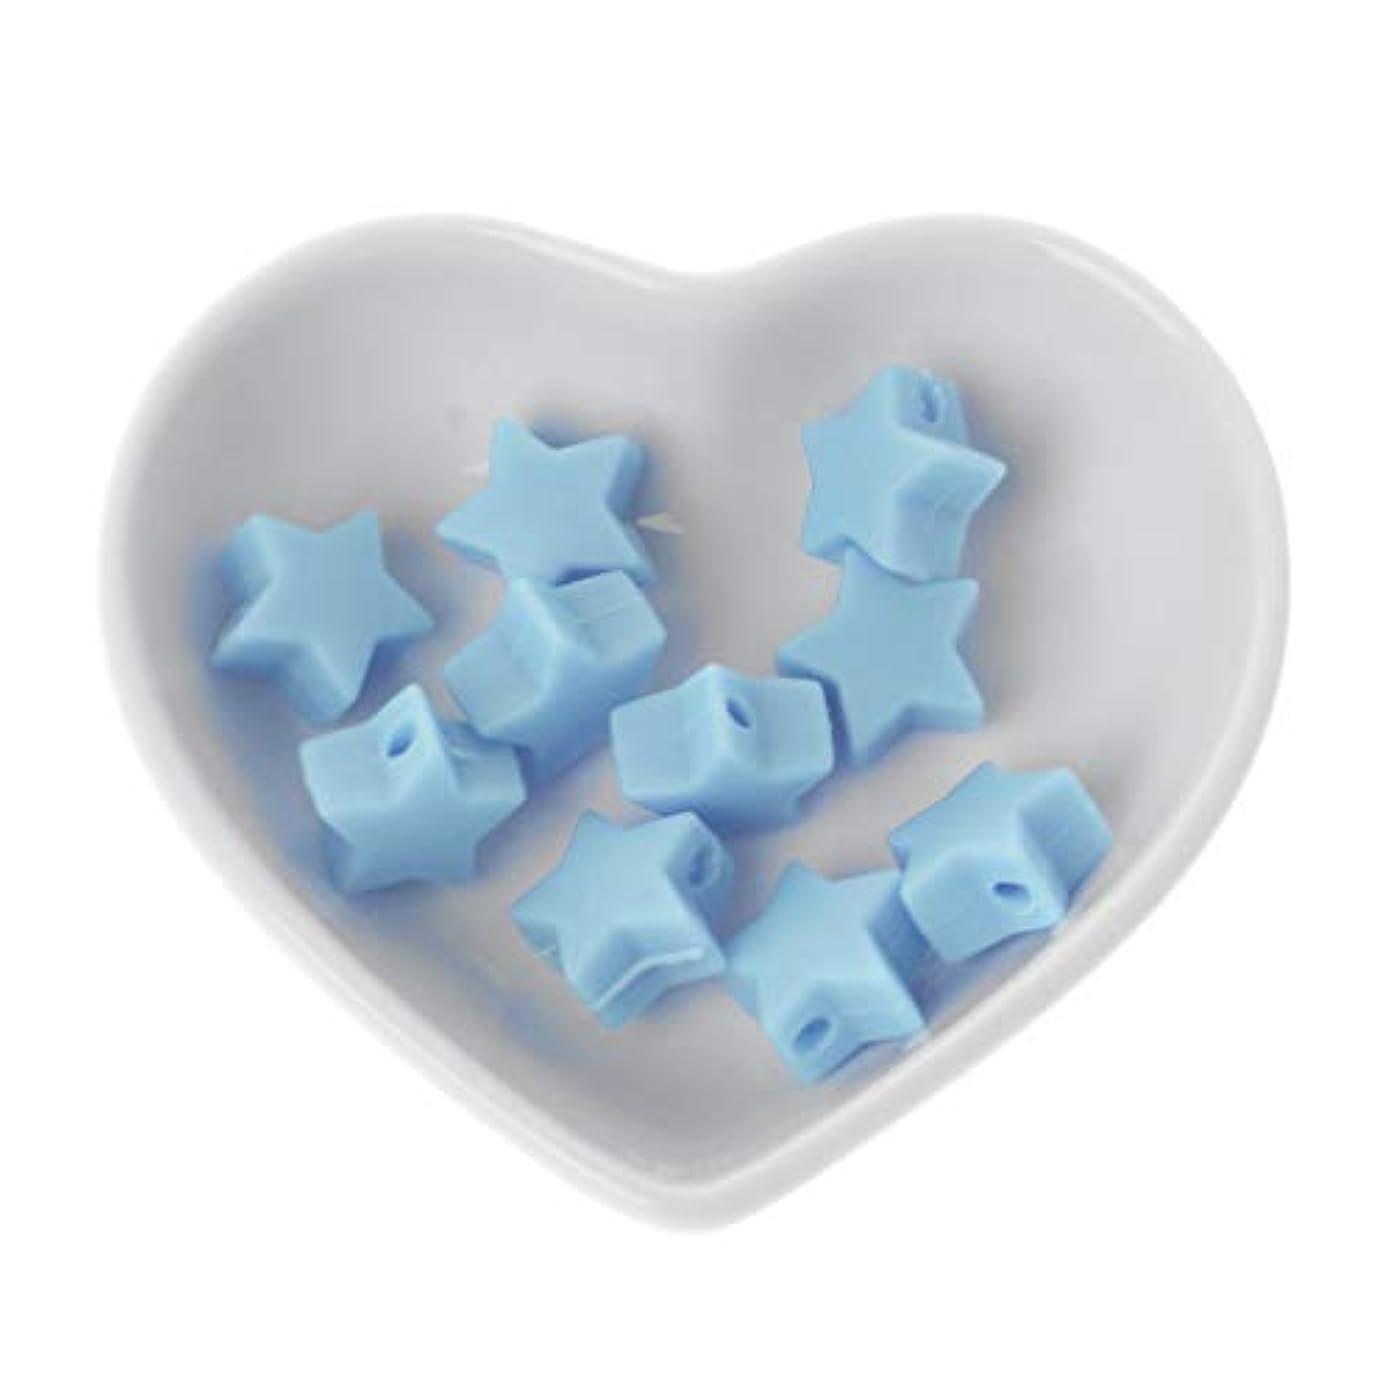 LANDUM 10個シリコーンビーズ15mmスターシリカティーザービーズの赤ちゃんのおもちゃDIYおしゃぶりチェーンアクセサリー - アップルグリーン